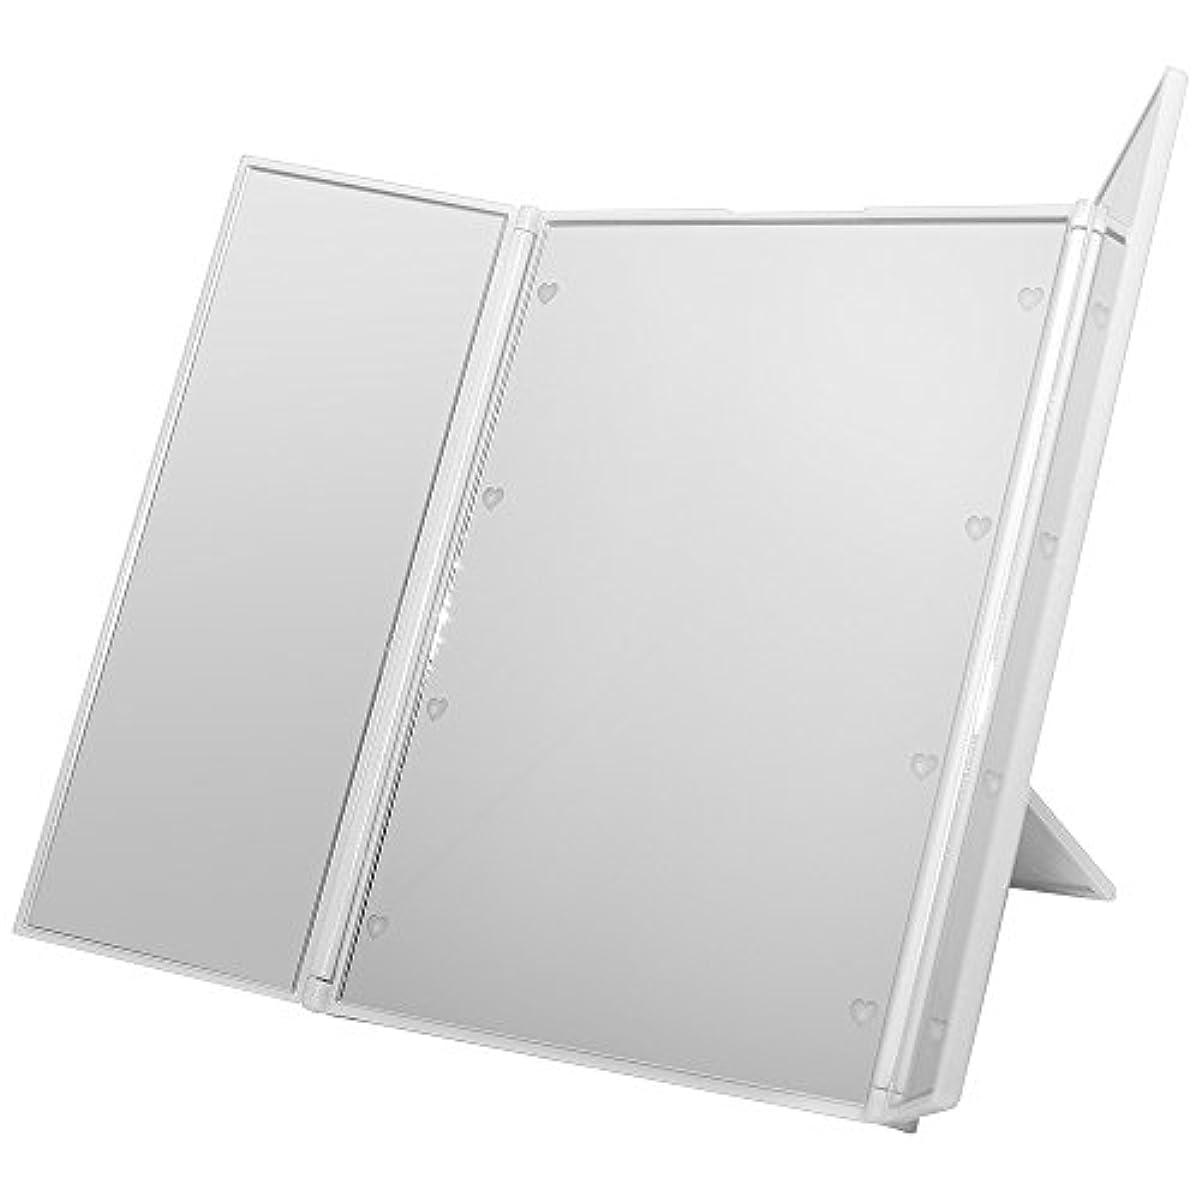 渦彼らのもの税金GoodsLand 【 ハート型 LED ライト付 】 卓上 折りたたみ 三面鏡 大型 大きい かわいい スタンド ミラー メイク アップ ブライトニング GD-LED-3MR-WH